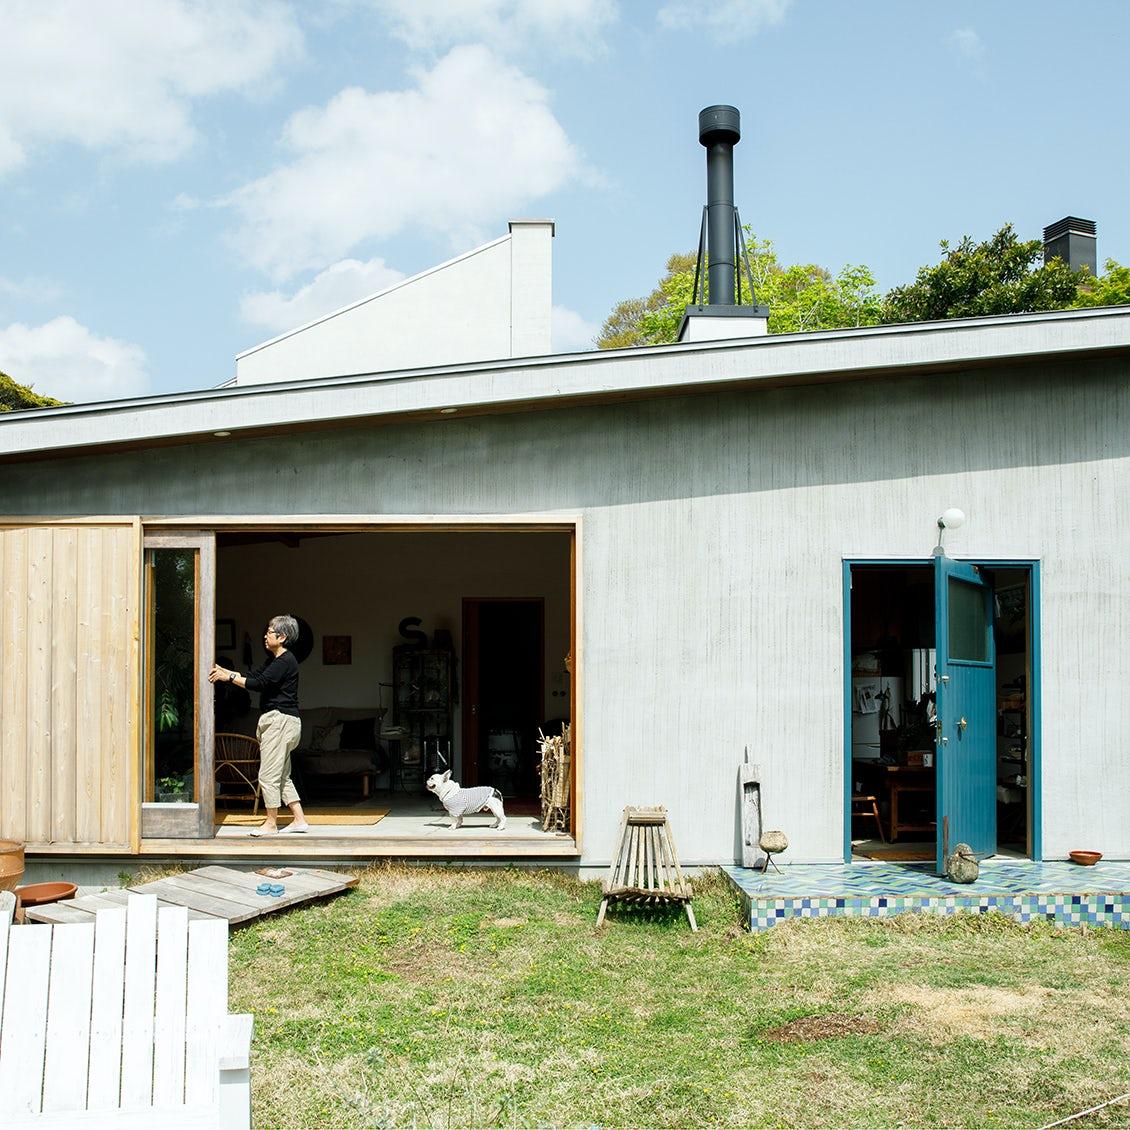 【終の住処】第1話:専業主婦から起業。家づくりのプロが建てた7軒目のマイホーム